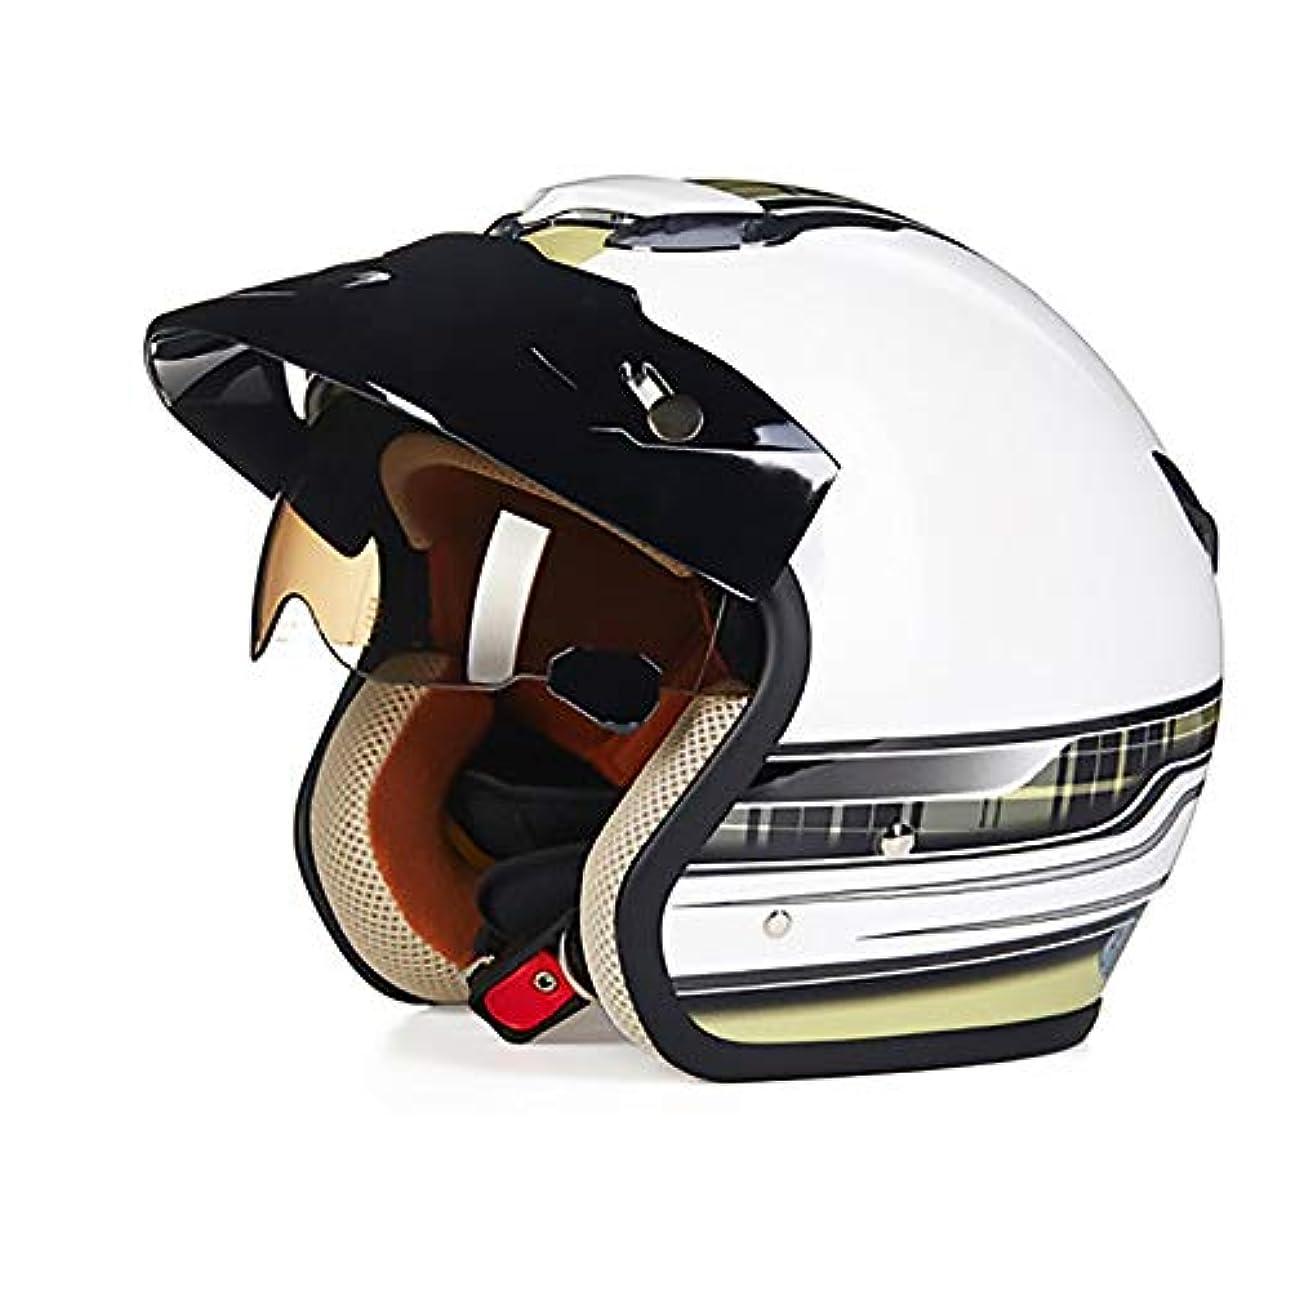 静かに同化する港TOMSSL高品質 電気自動車のオートバイのヘルメットの自転車のマウンテンバイクのヘルメットの屋外の乗馬装置に乗る明るい白い大地の黄色のABS大人の自転車のヘルメット TOMSSL高品質 (Size : XL)